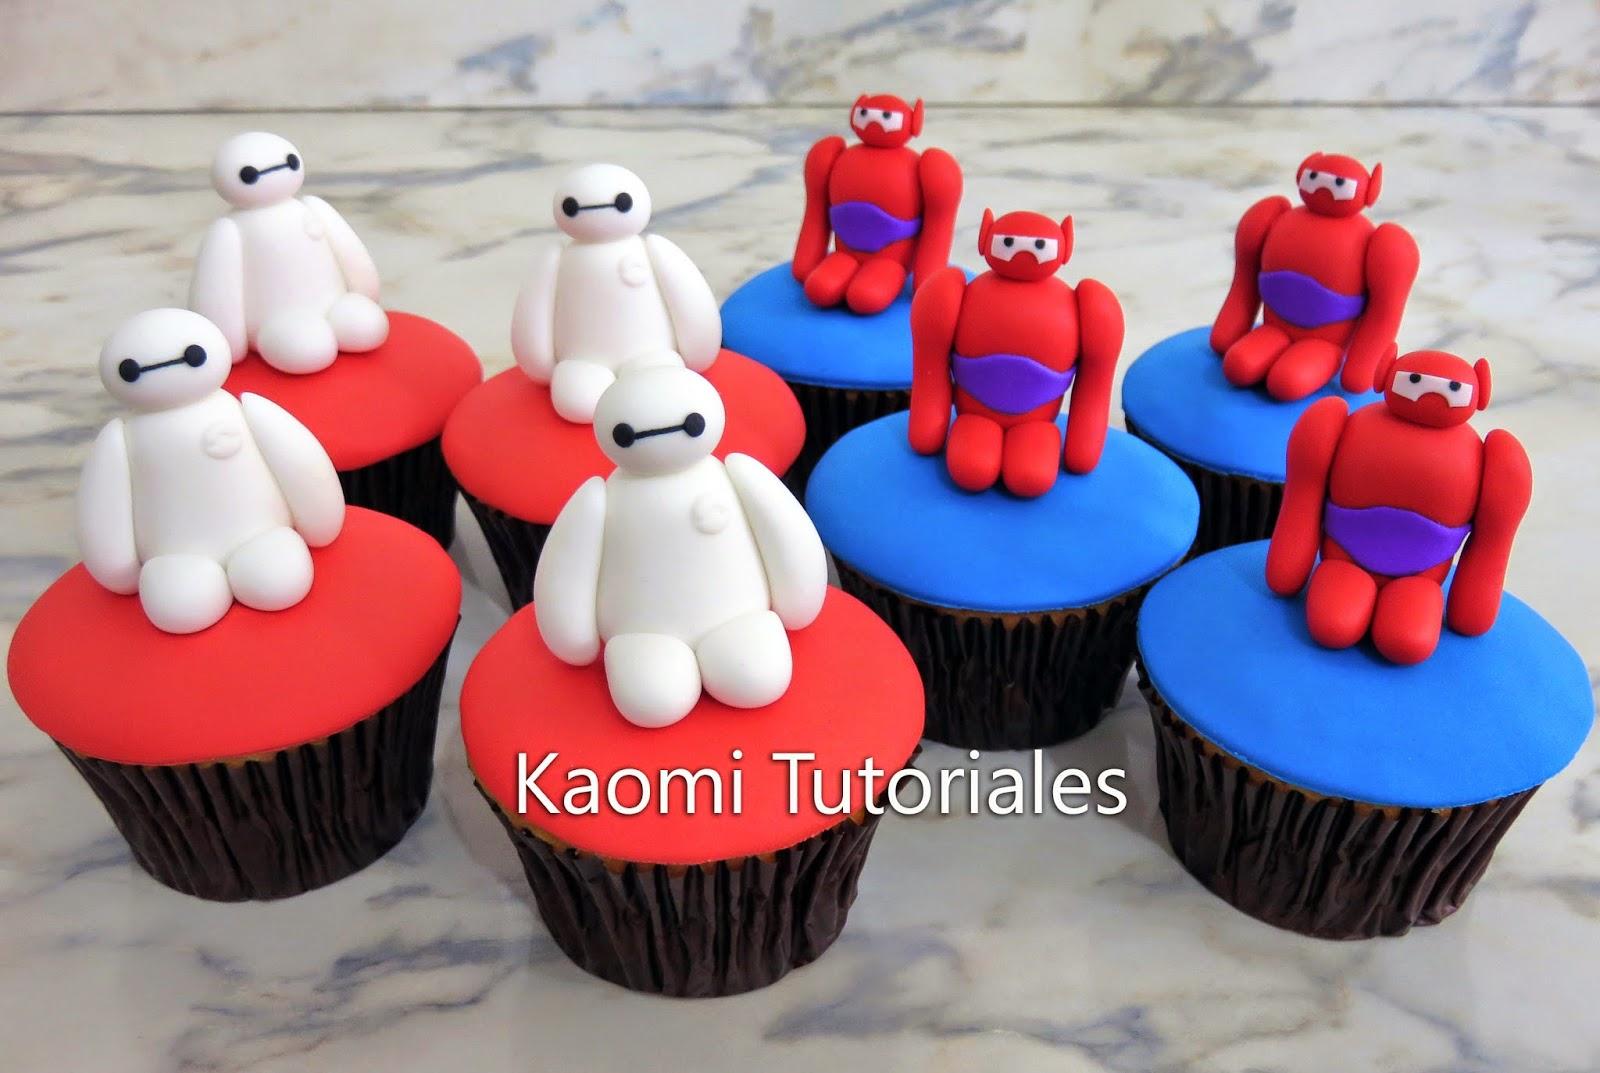 Kaomi Tutoriales Como Hacer Cupcakes De Baymax Grandes